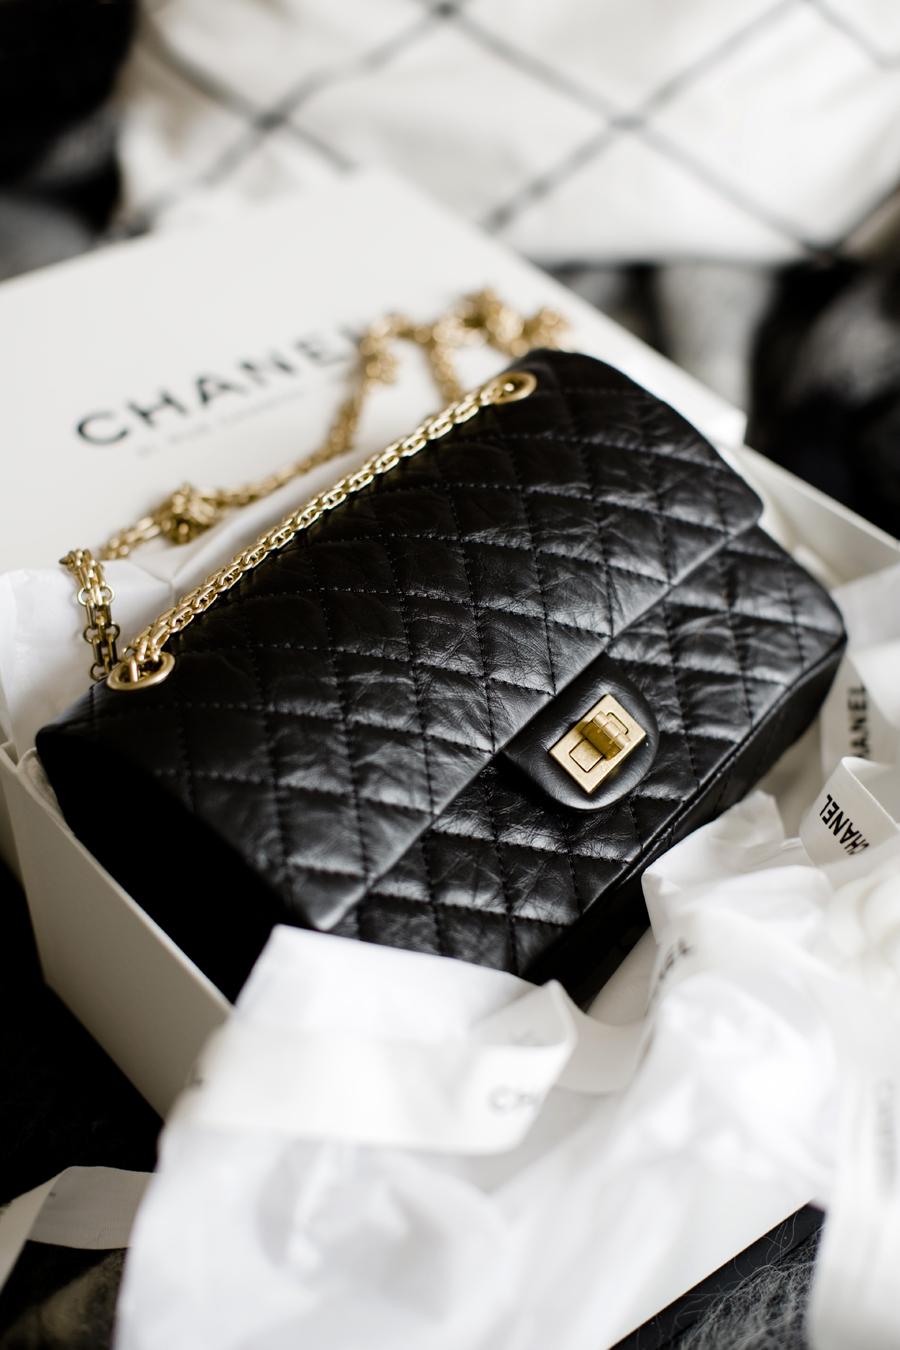 bag_chanel_2.55_6